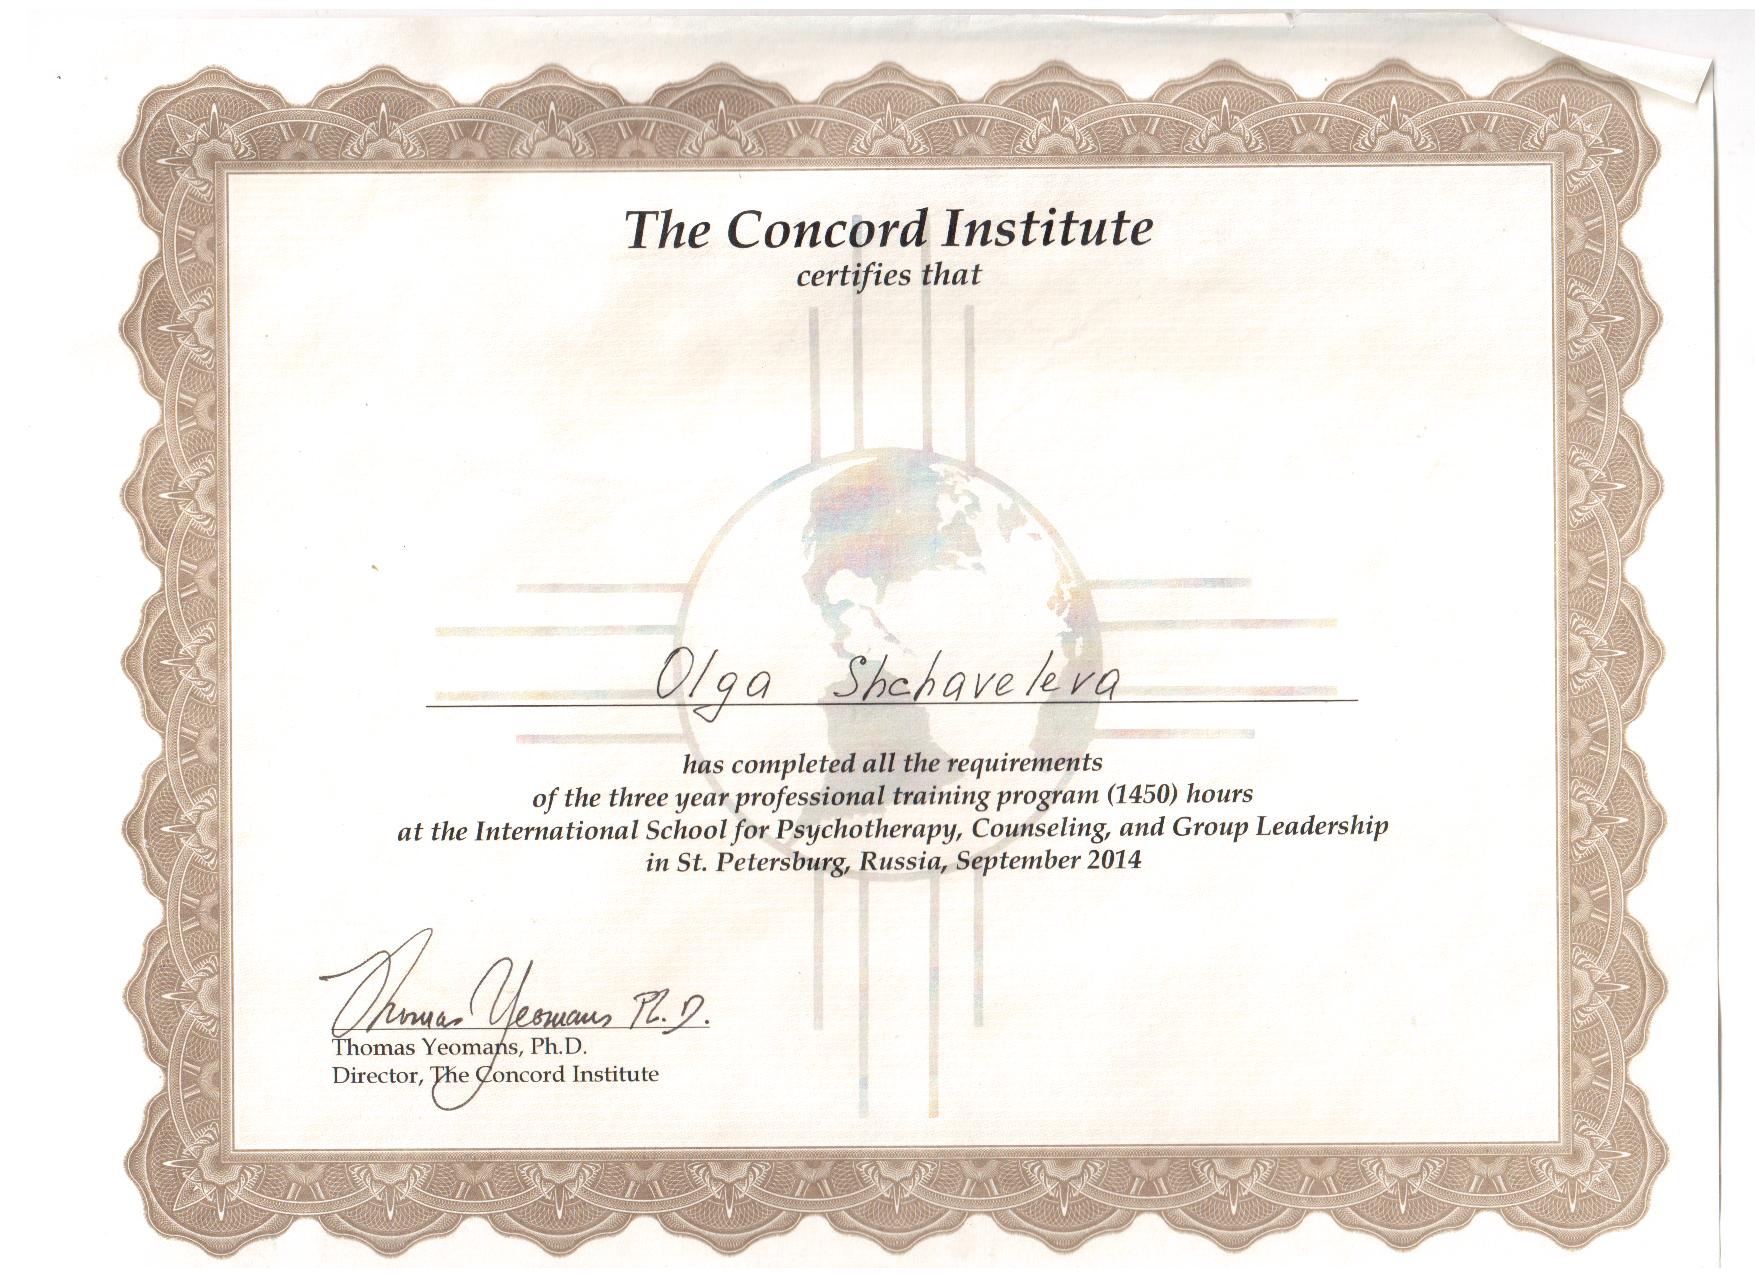 конкорд сертификат